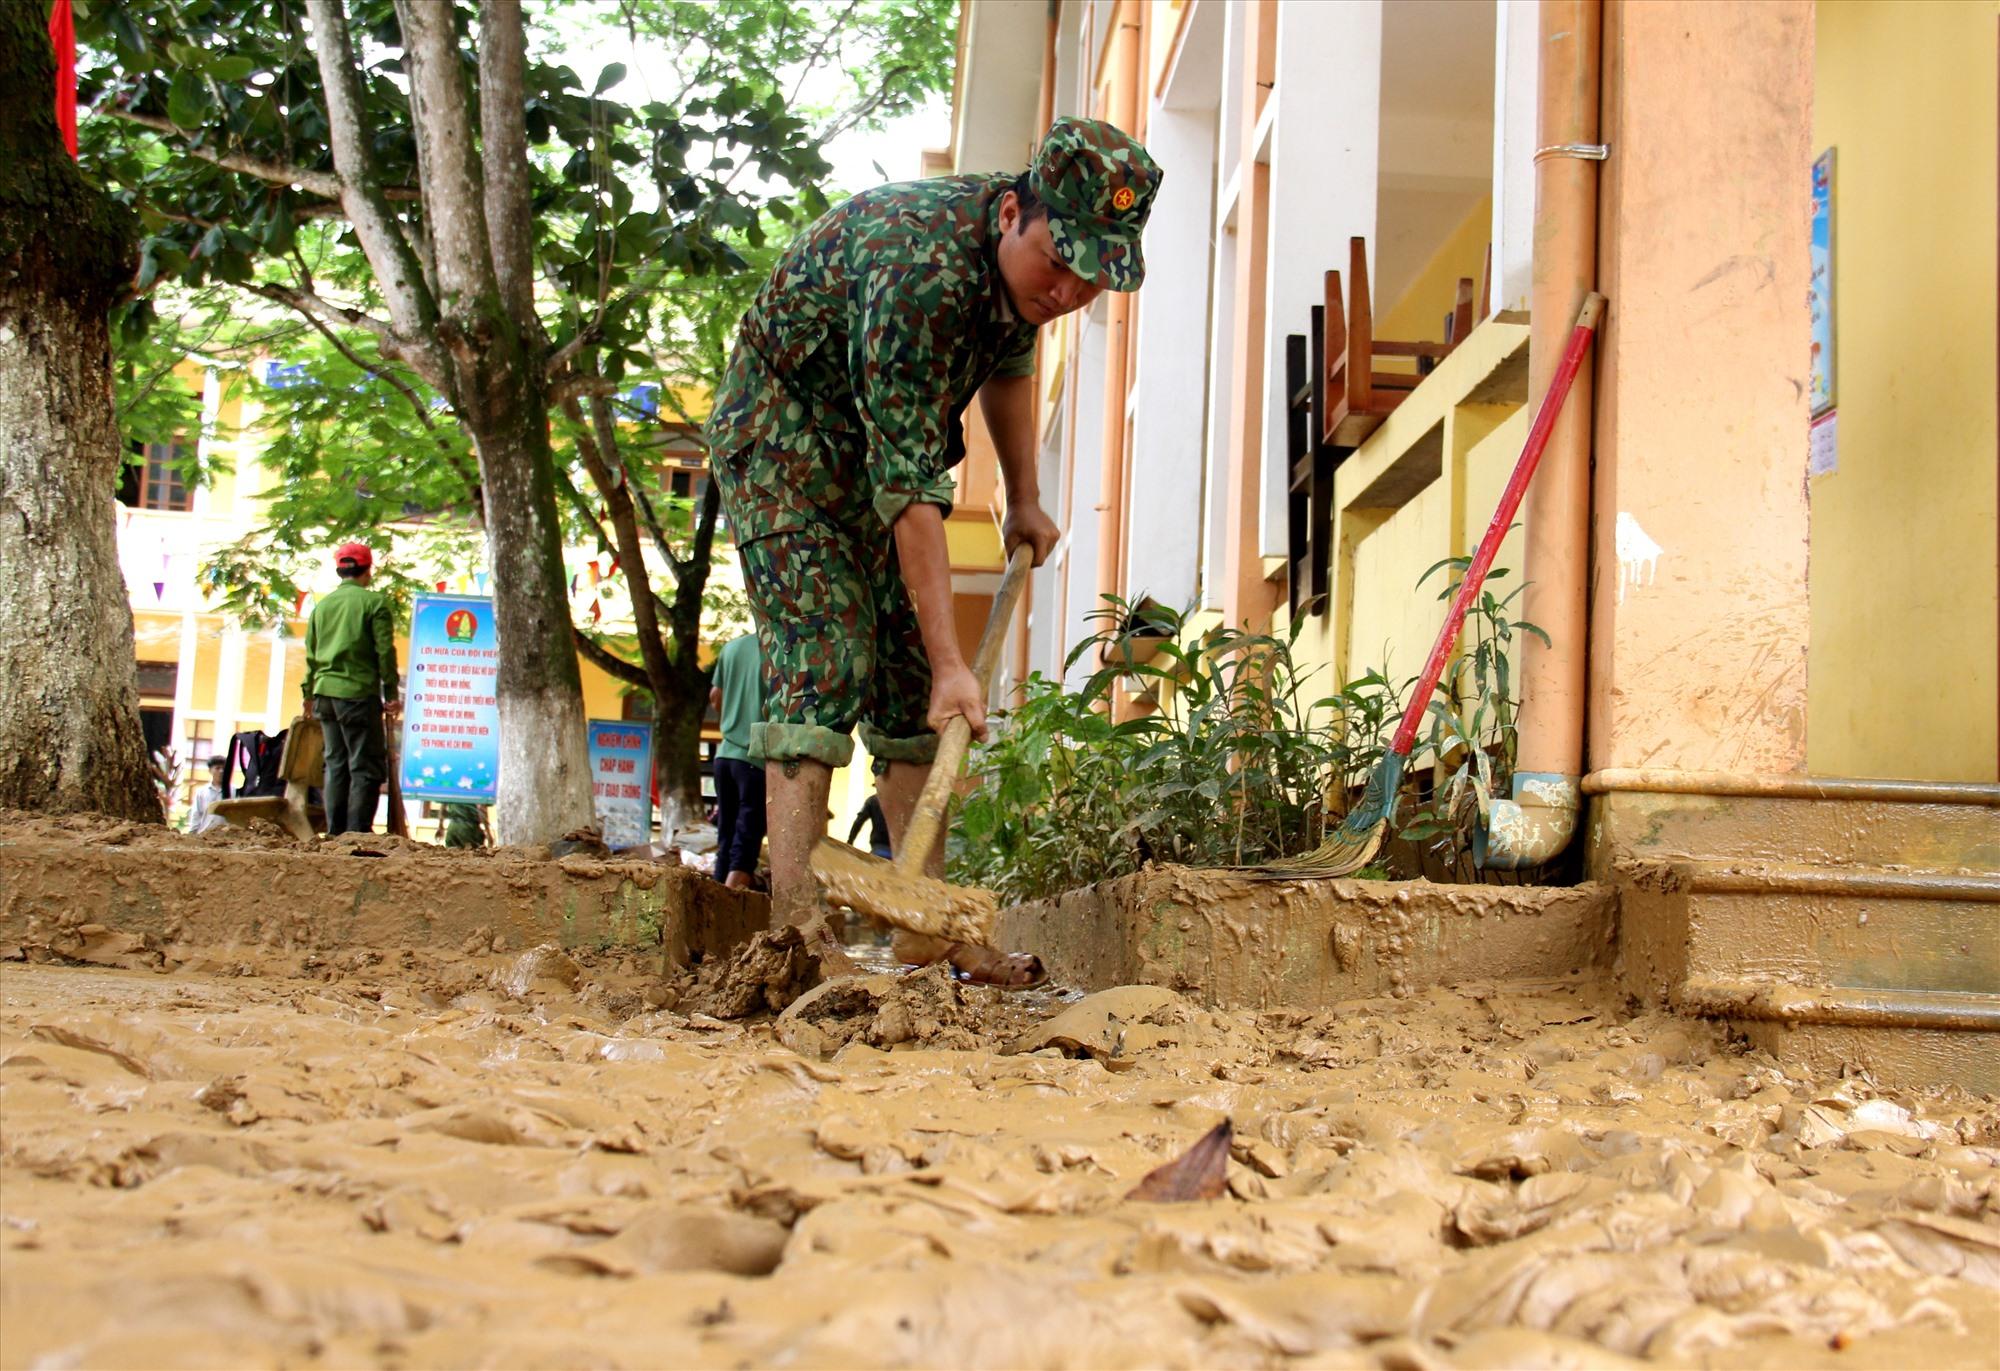 Sau lũ, lớp bùn đất đọng lại dày hơn 20cm. Các chiến sĩ phải dùng xẻng để xúc, hốt. Ảnh: A.N